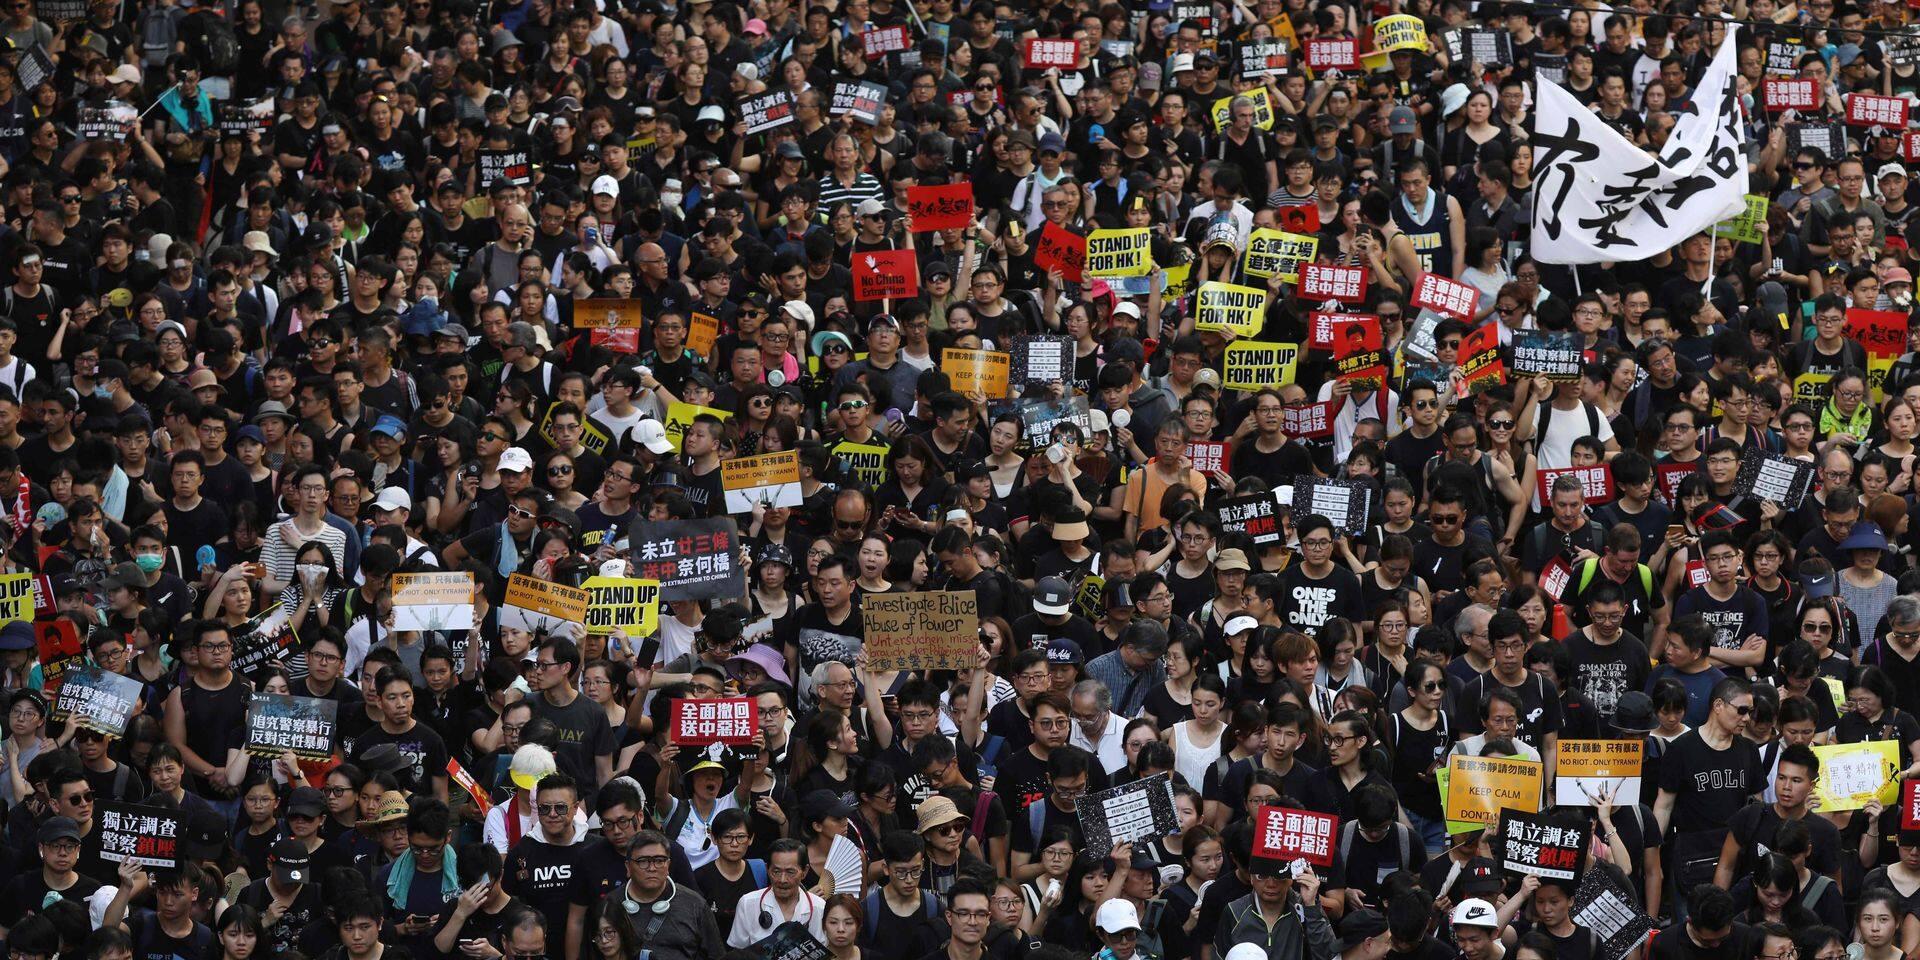 Édito: à Hong Kong, une jeunesse insoumise